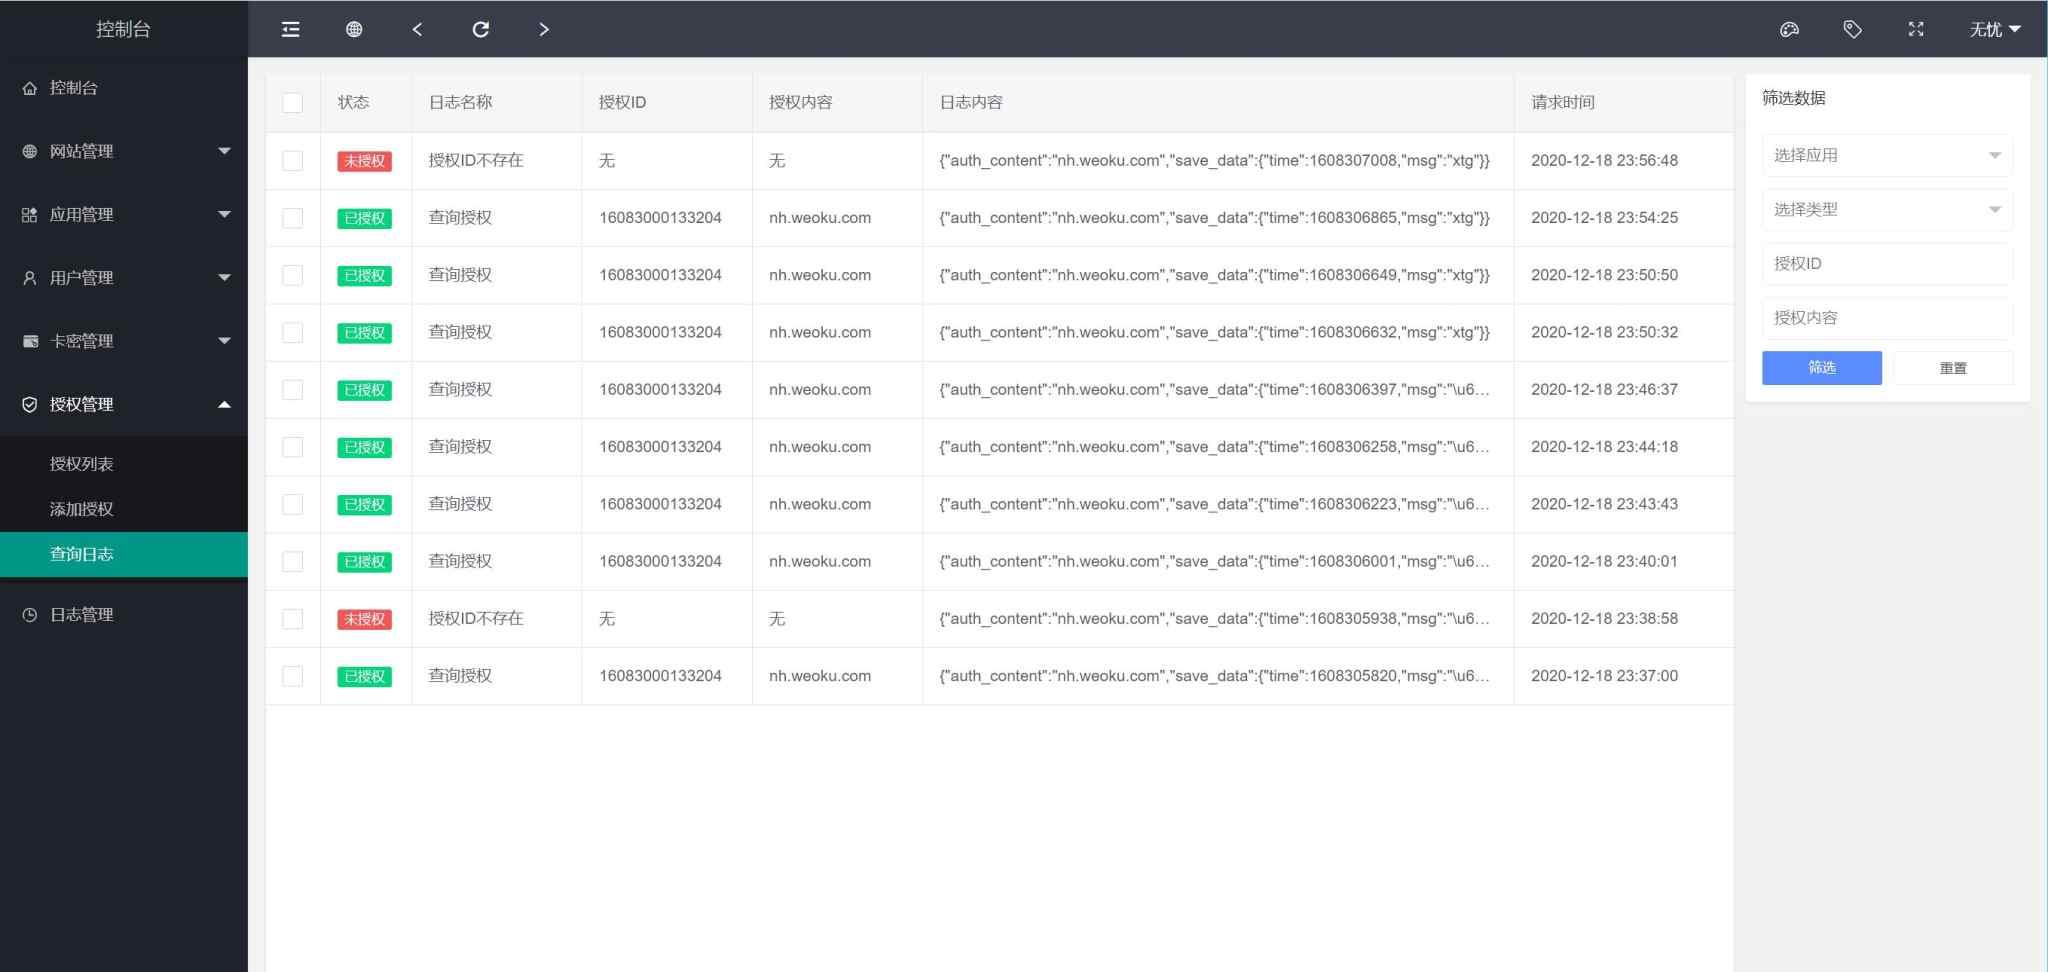 【PHP授权源码】2020多应用授权源码,多域名授权源码,多网站授权源码,多授权系统-找主题源码